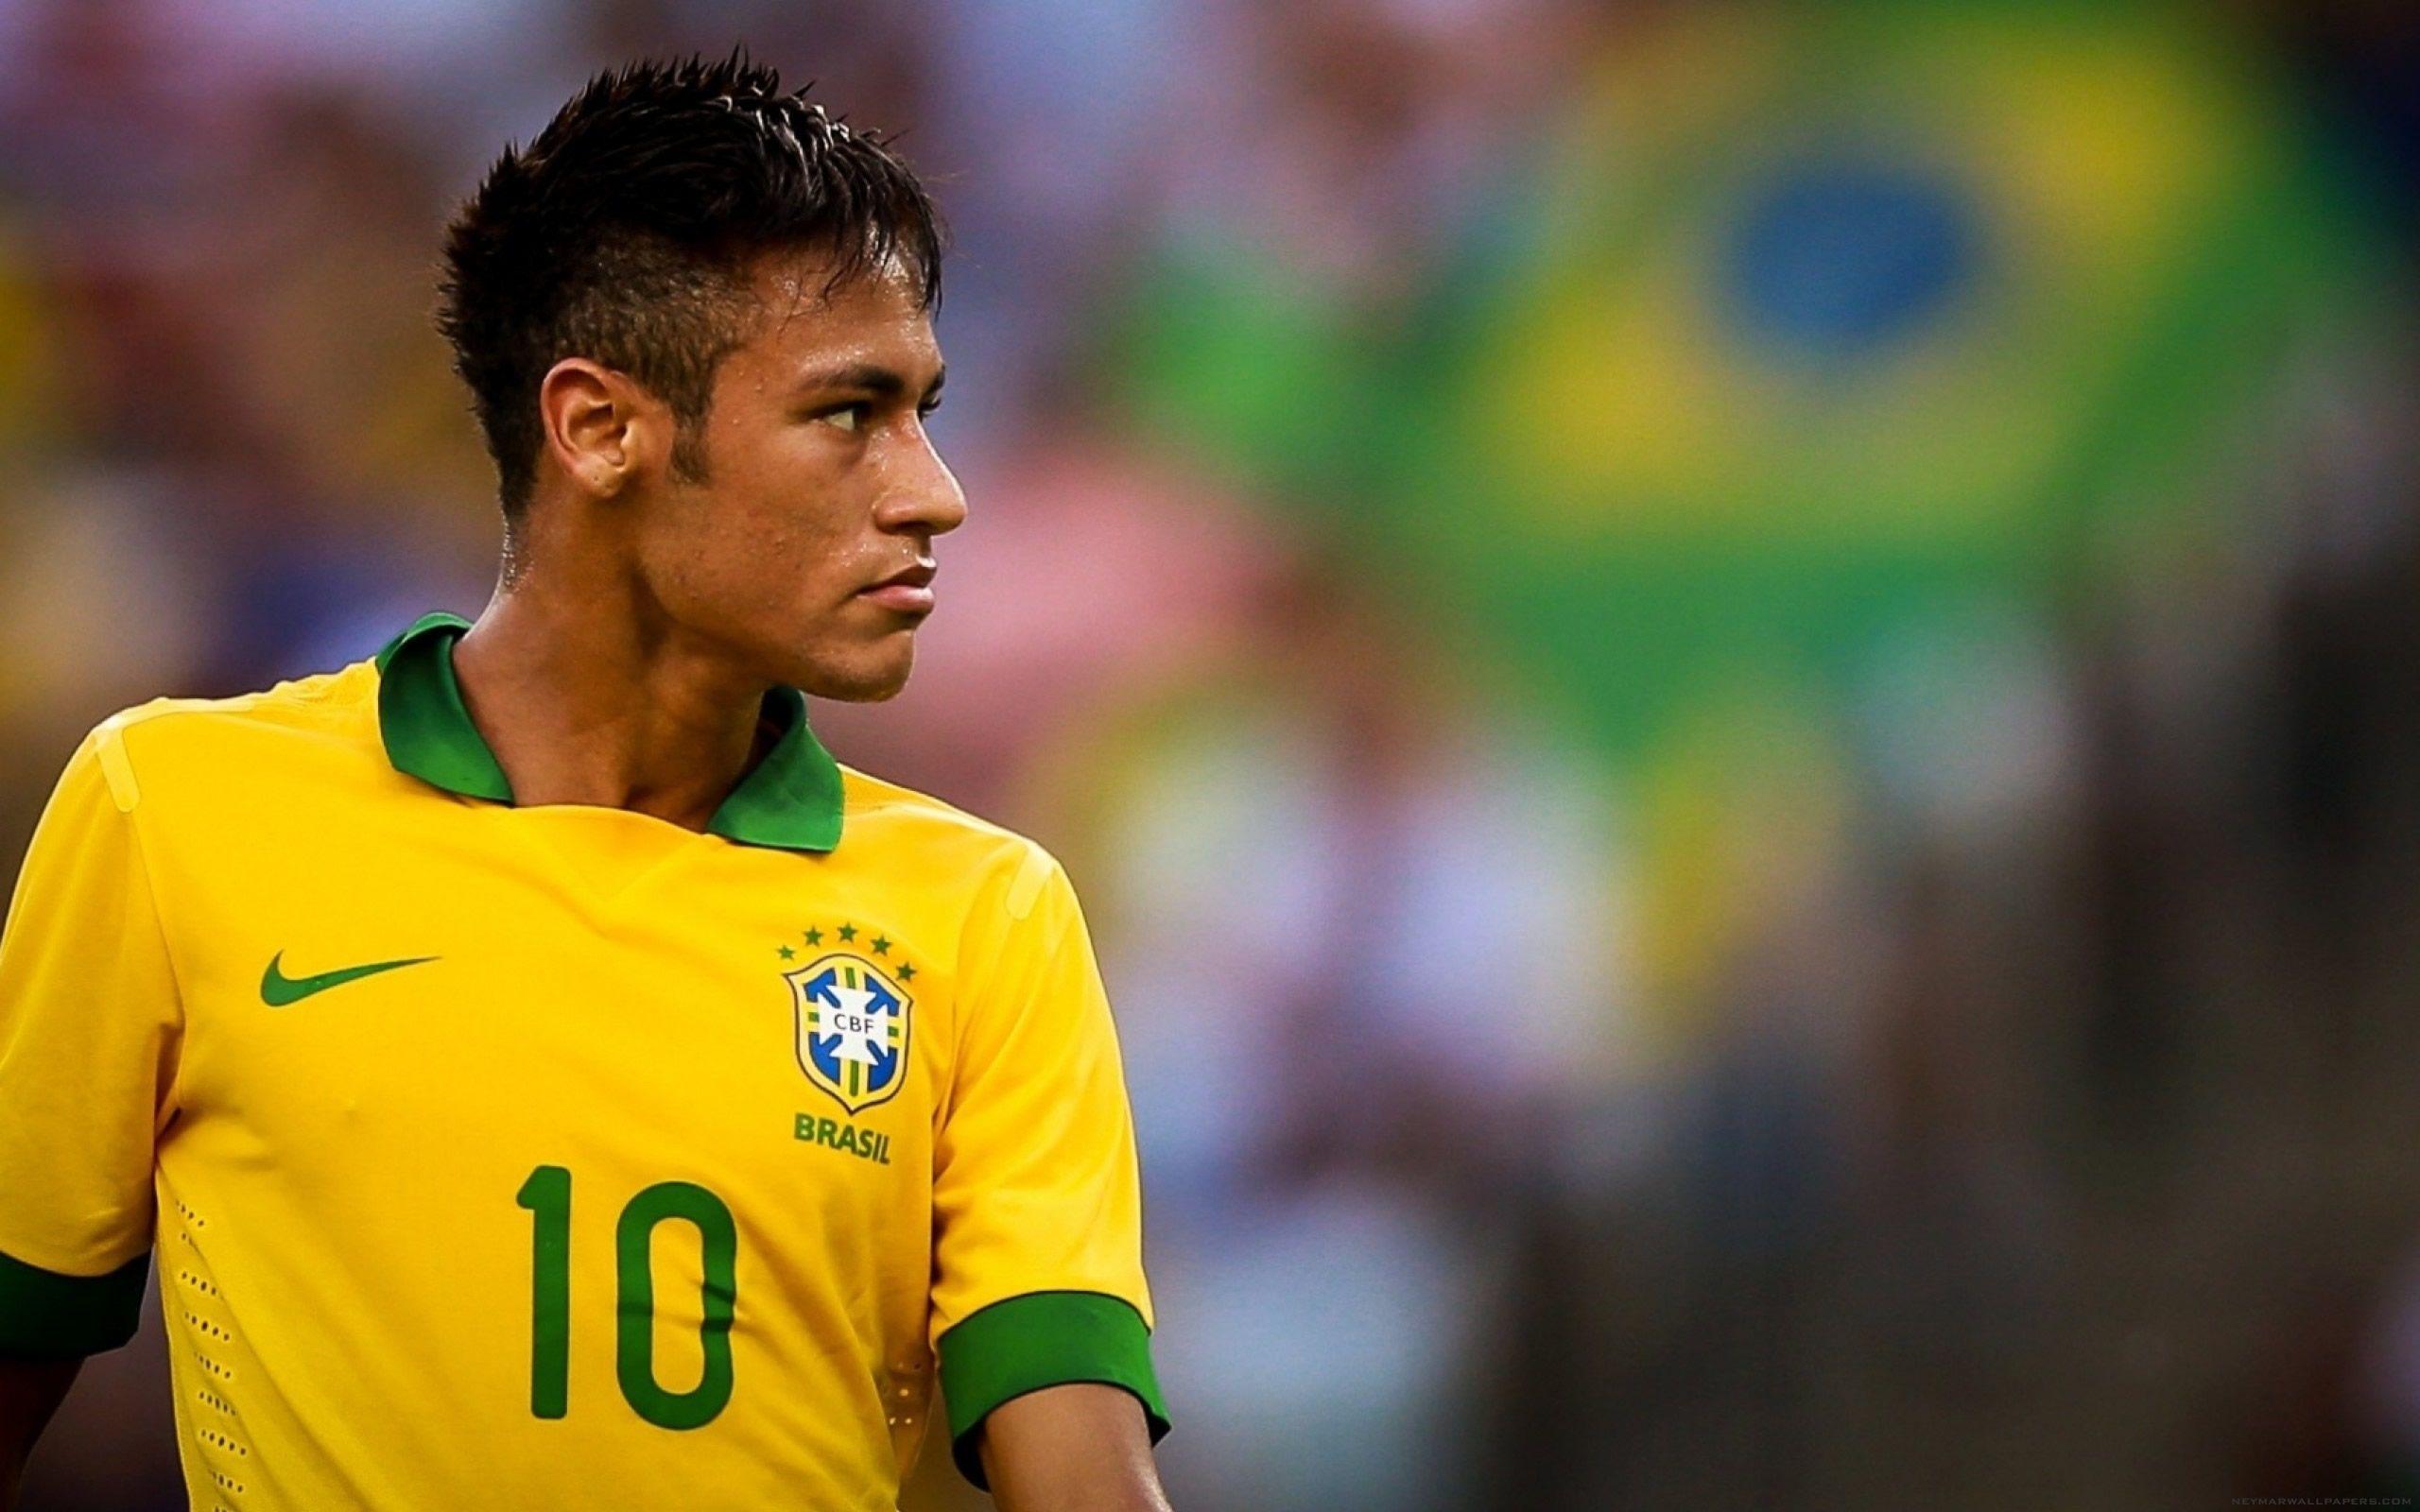 Neymar 2019 Wallpapers - Wallpaper Cave